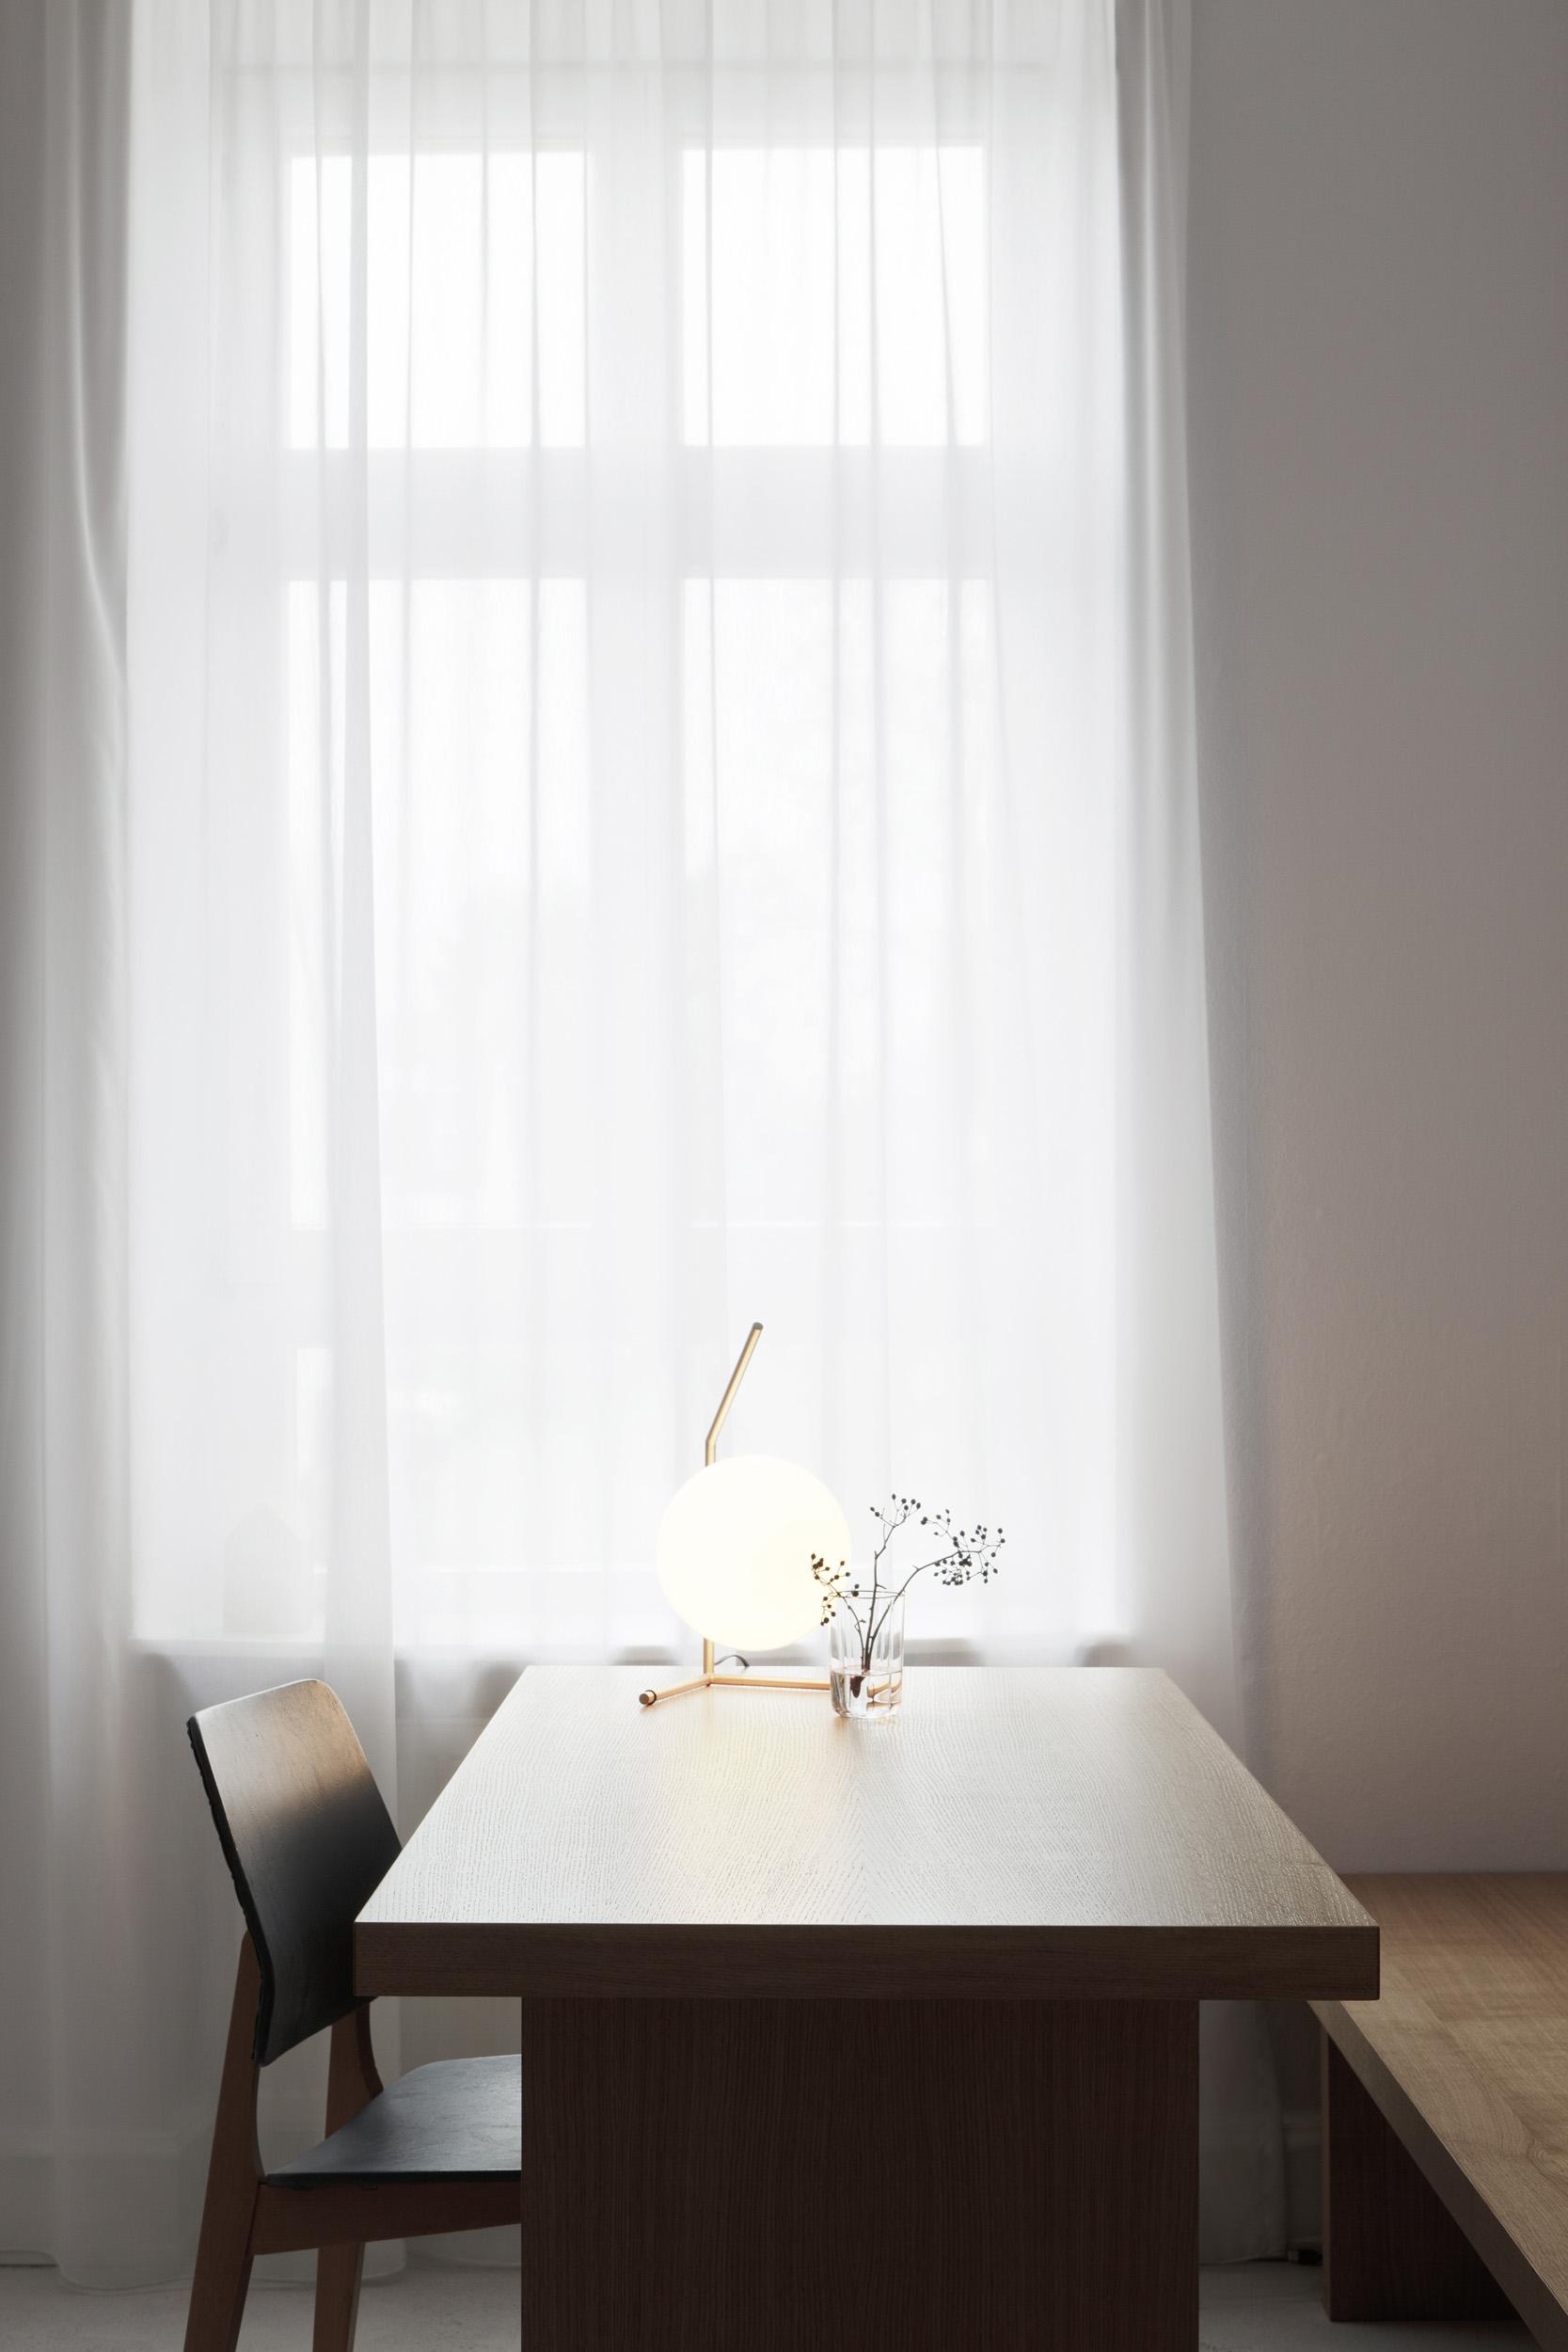 Studio-Oink-House-Cal-II-apartment-remodel-Mainz-Germany-Remodelista-1N.jpg